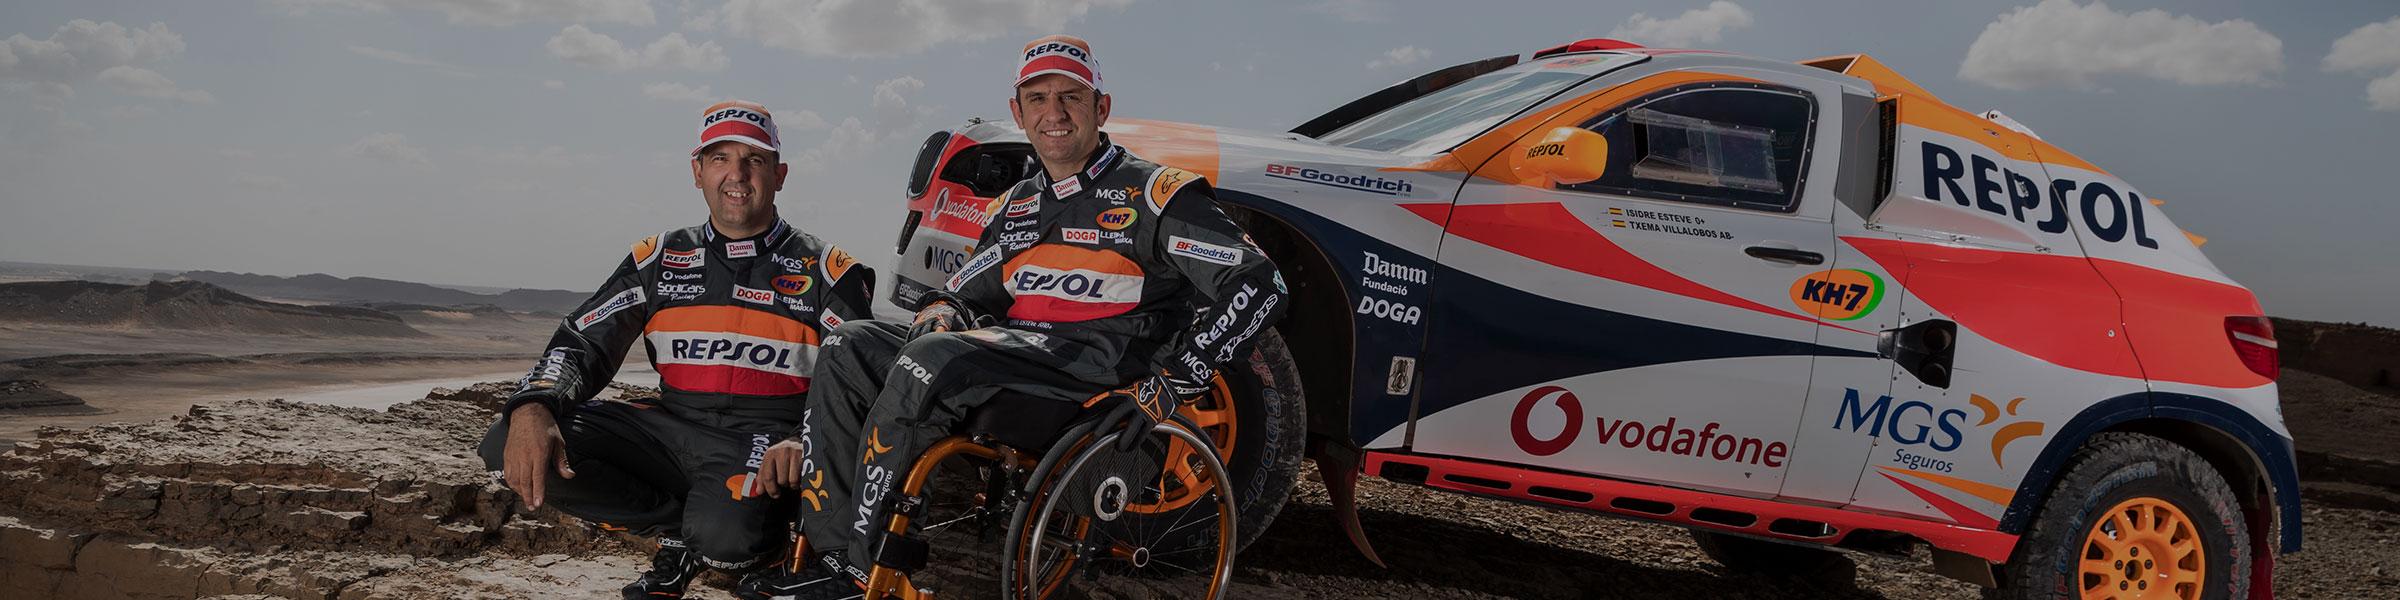 Spanischer Rennfahrer